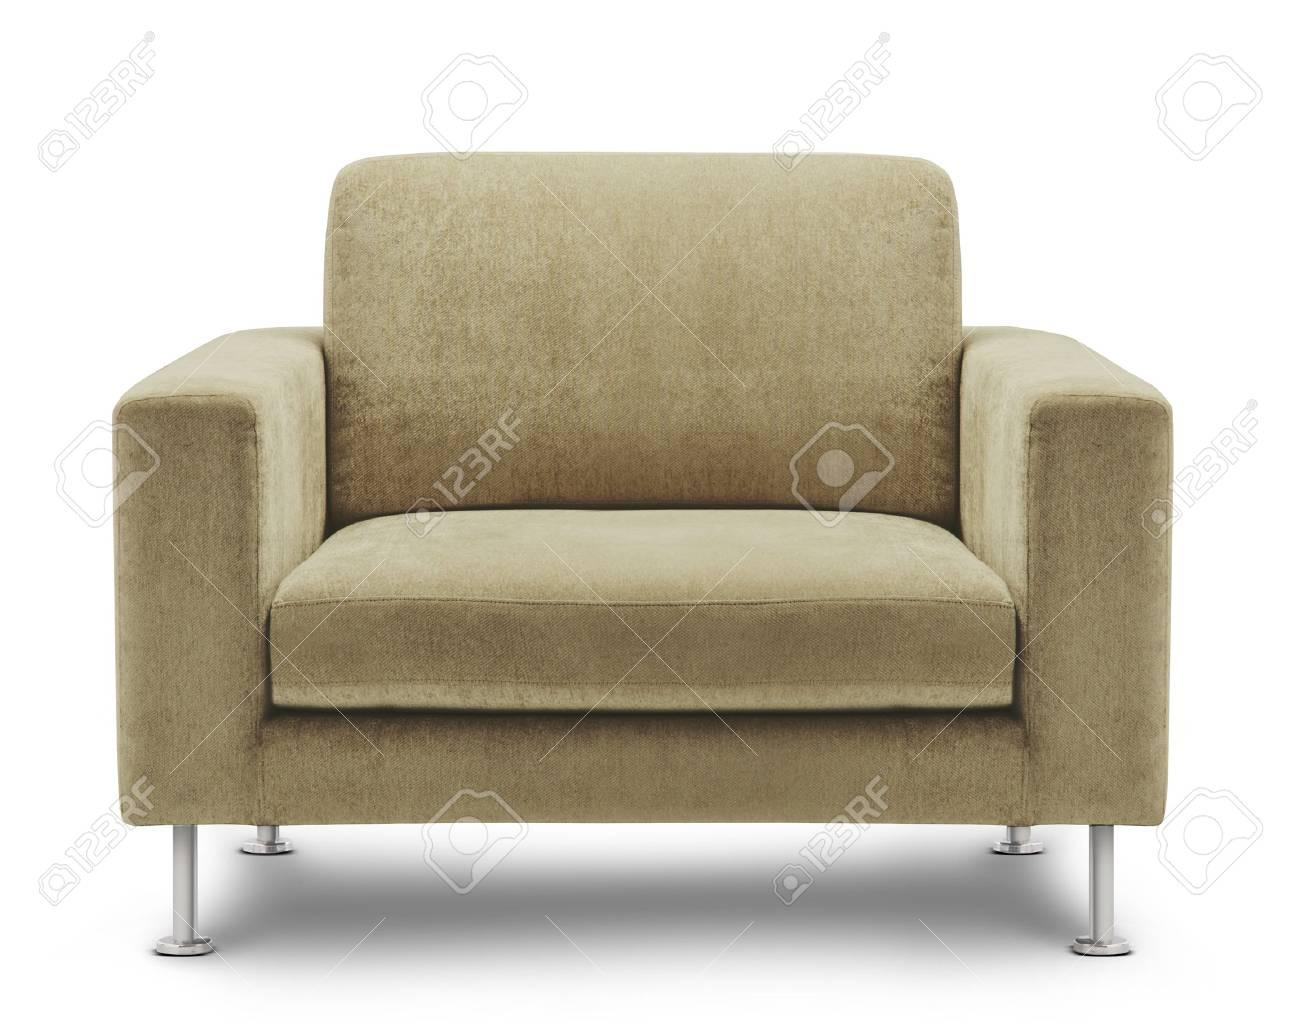 Außergewöhnlich Sofa Möbel Beste Wahl Möbel Isoliert Auf Weißem Hintergrund Standard-bild -